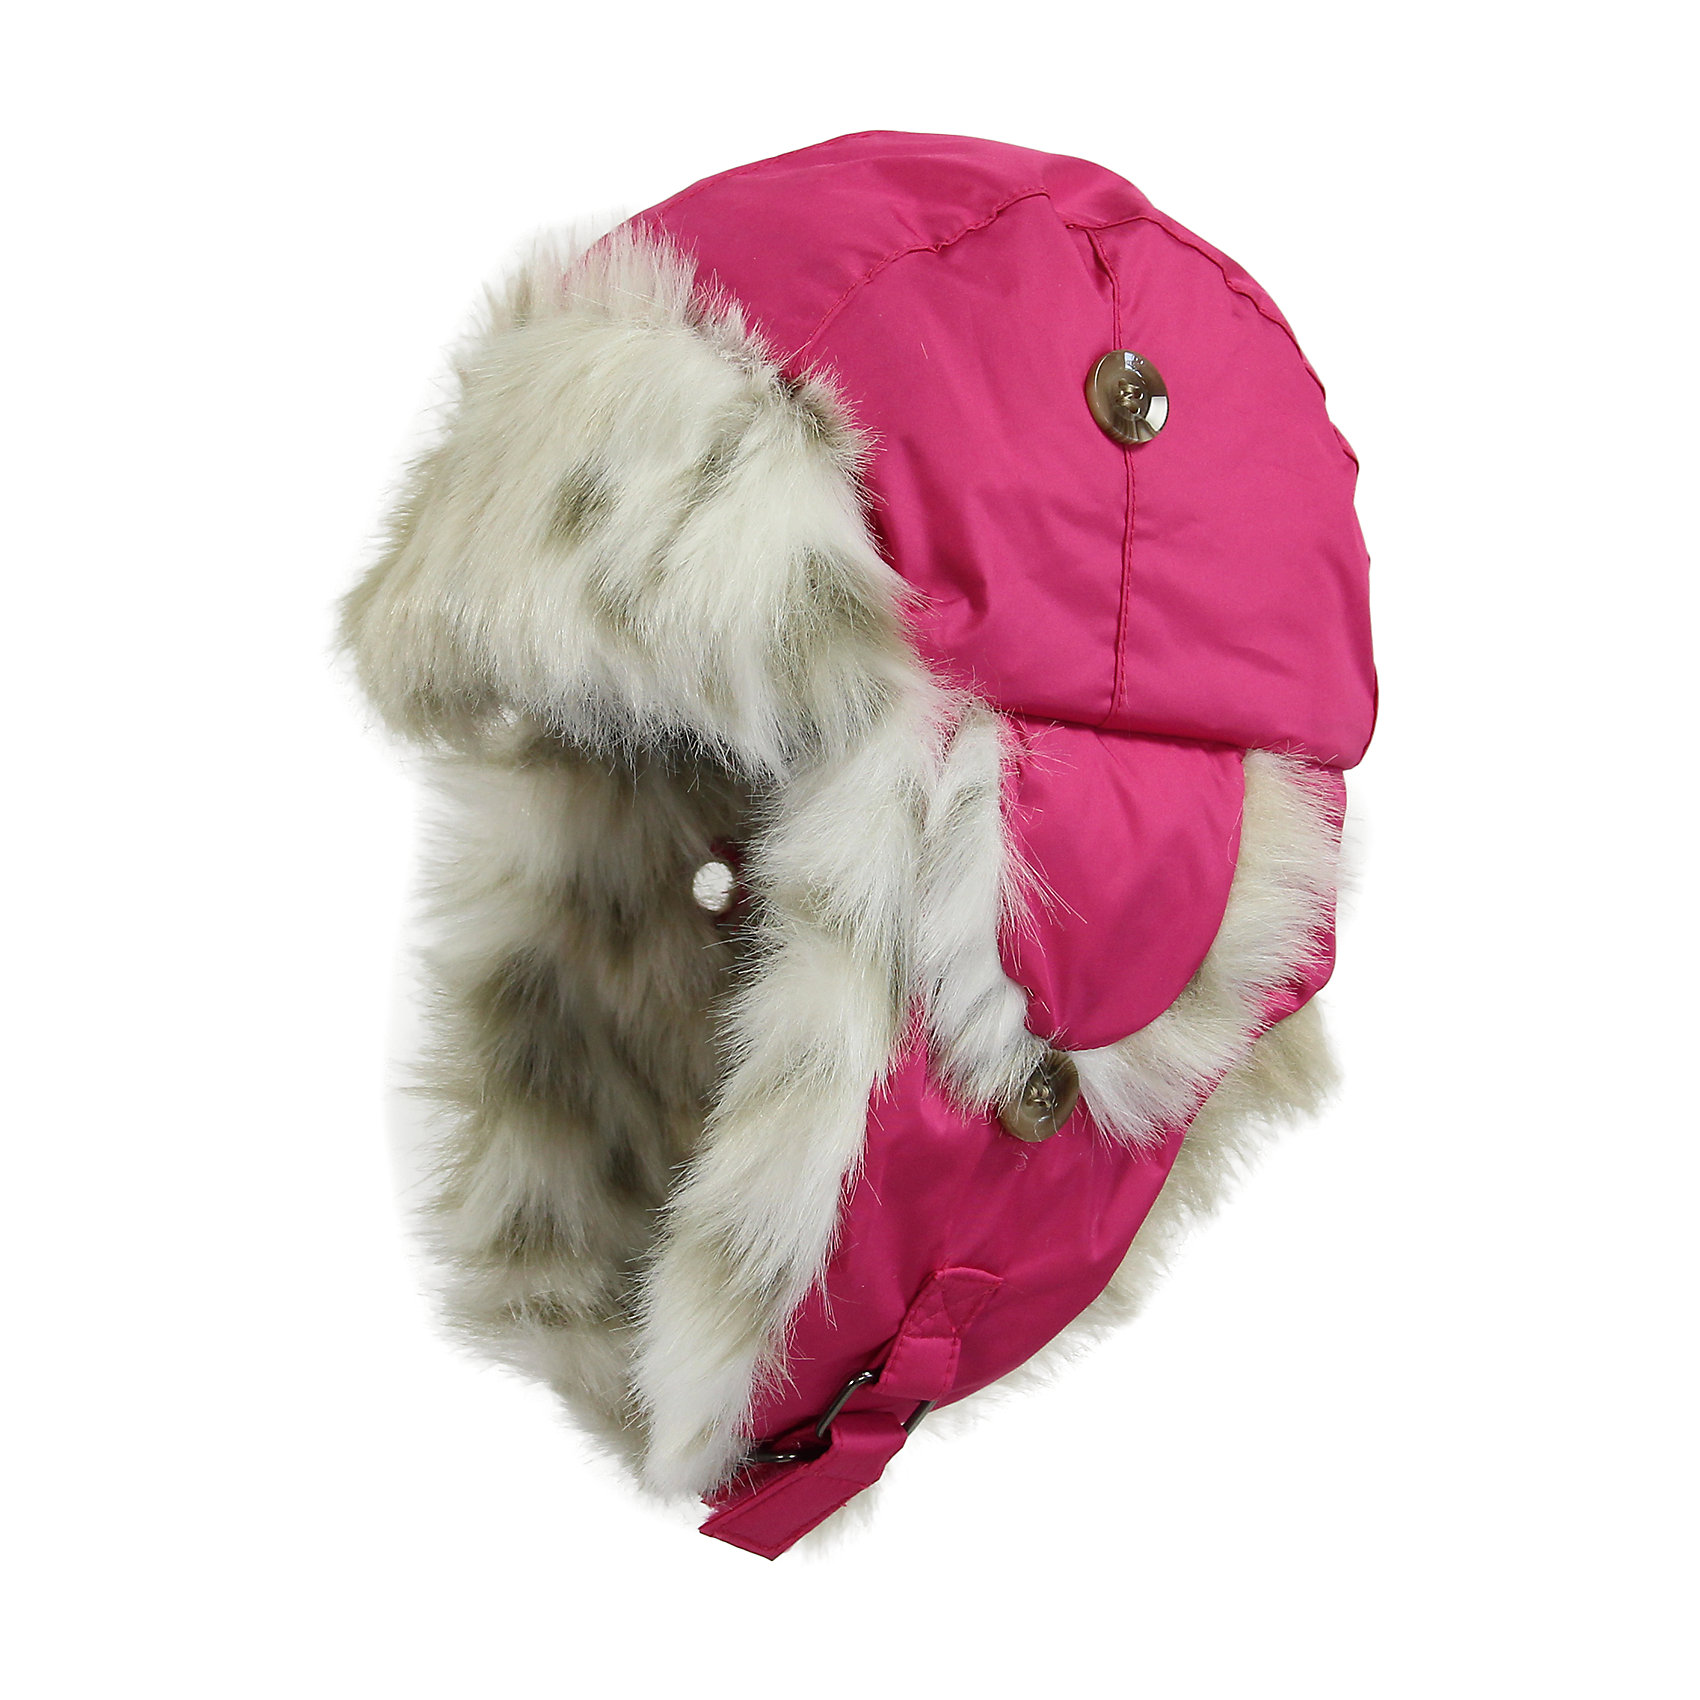 Шапка для девочки HuppaШапочки<br>Зимняя шапка ярких цветов с легким ватином для малышей. У шапки подкладка из искусственного меха (80% акрила, 20% полиэстера) и дышащая - водоотталкивающая мягкая ткань из полиэстера. Для удобства ношения у шапки регулируемая верхняя часть и закрепляющиеся липучкой под подбородком клапаны. Клапаны шапки можно закрепить на макушке, приспосабливая для себя. <br><br>Шапку для девочки Huppa (Хуппа) можно купить в нашем магазине.<br><br>Ширина мм: 89<br>Глубина мм: 117<br>Высота мм: 44<br>Вес г: 155<br>Цвет: розовый<br>Возраст от месяцев: 9<br>Возраст до месяцев: 12<br>Пол: Женский<br>Возраст: Детский<br>Размер: 43-45,47-49,39-43,51-53<br>SKU: 4243125